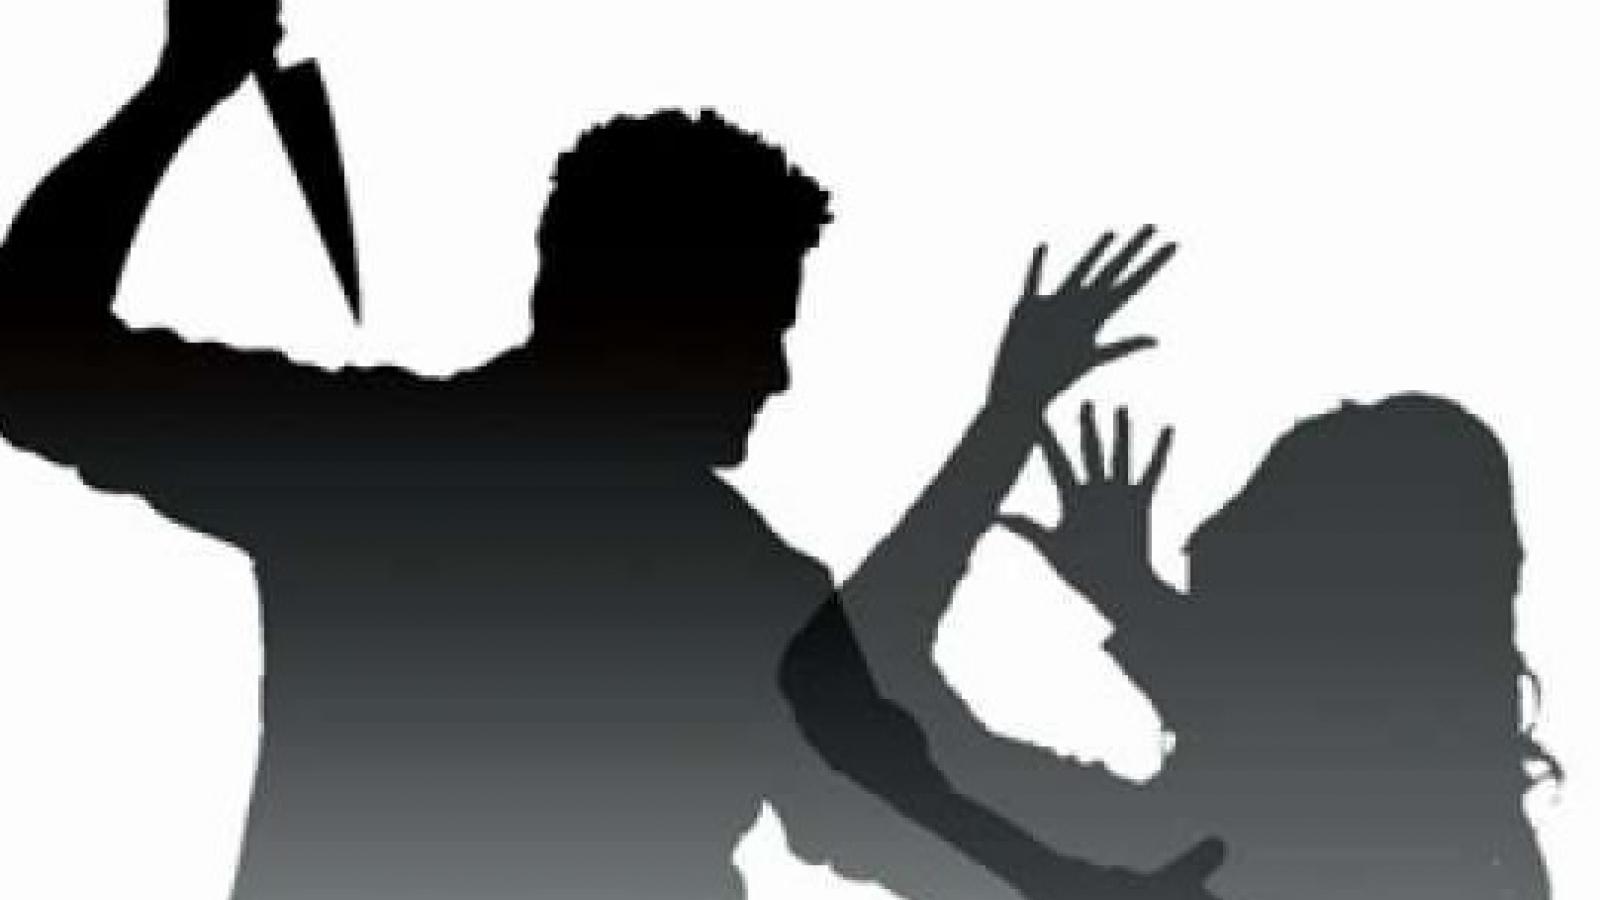 Đâm chết vợ cũ sau 4 ngày ly hôn rồi tự tử